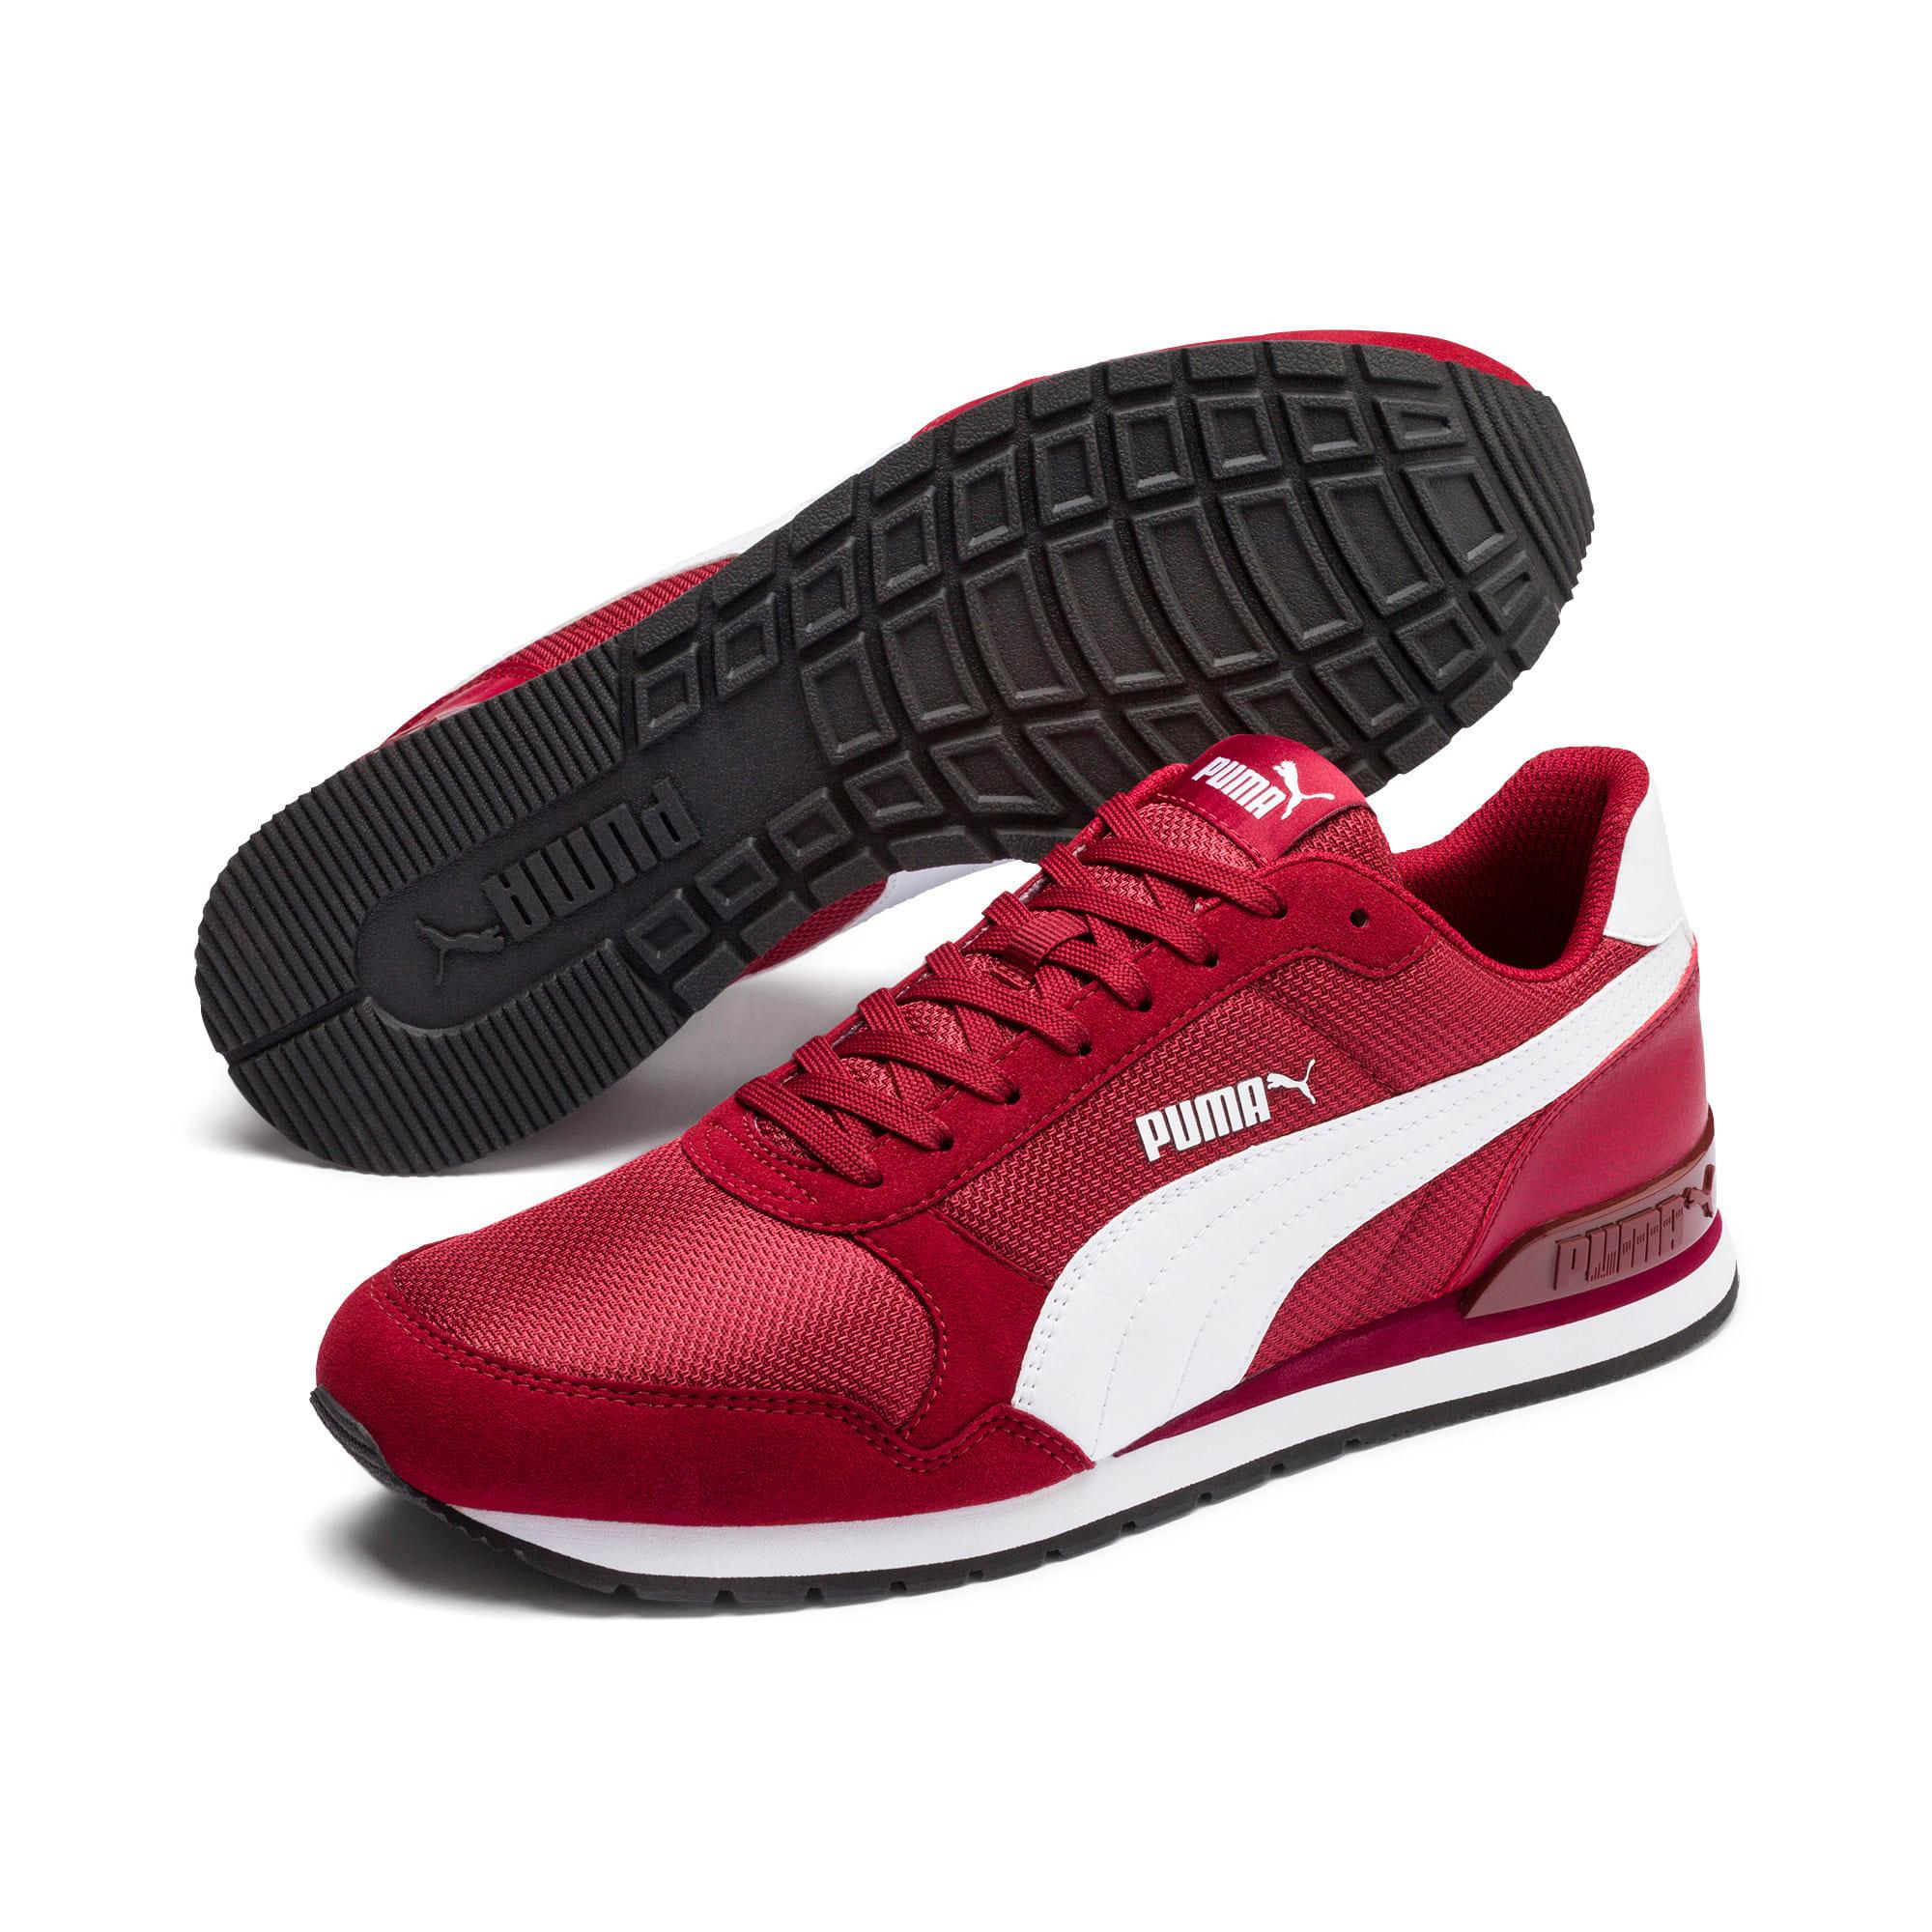 Miniatura 3 de Zapatos deportivos ST Runner v2 Mesh, Rhubarb-Puma White, mediano